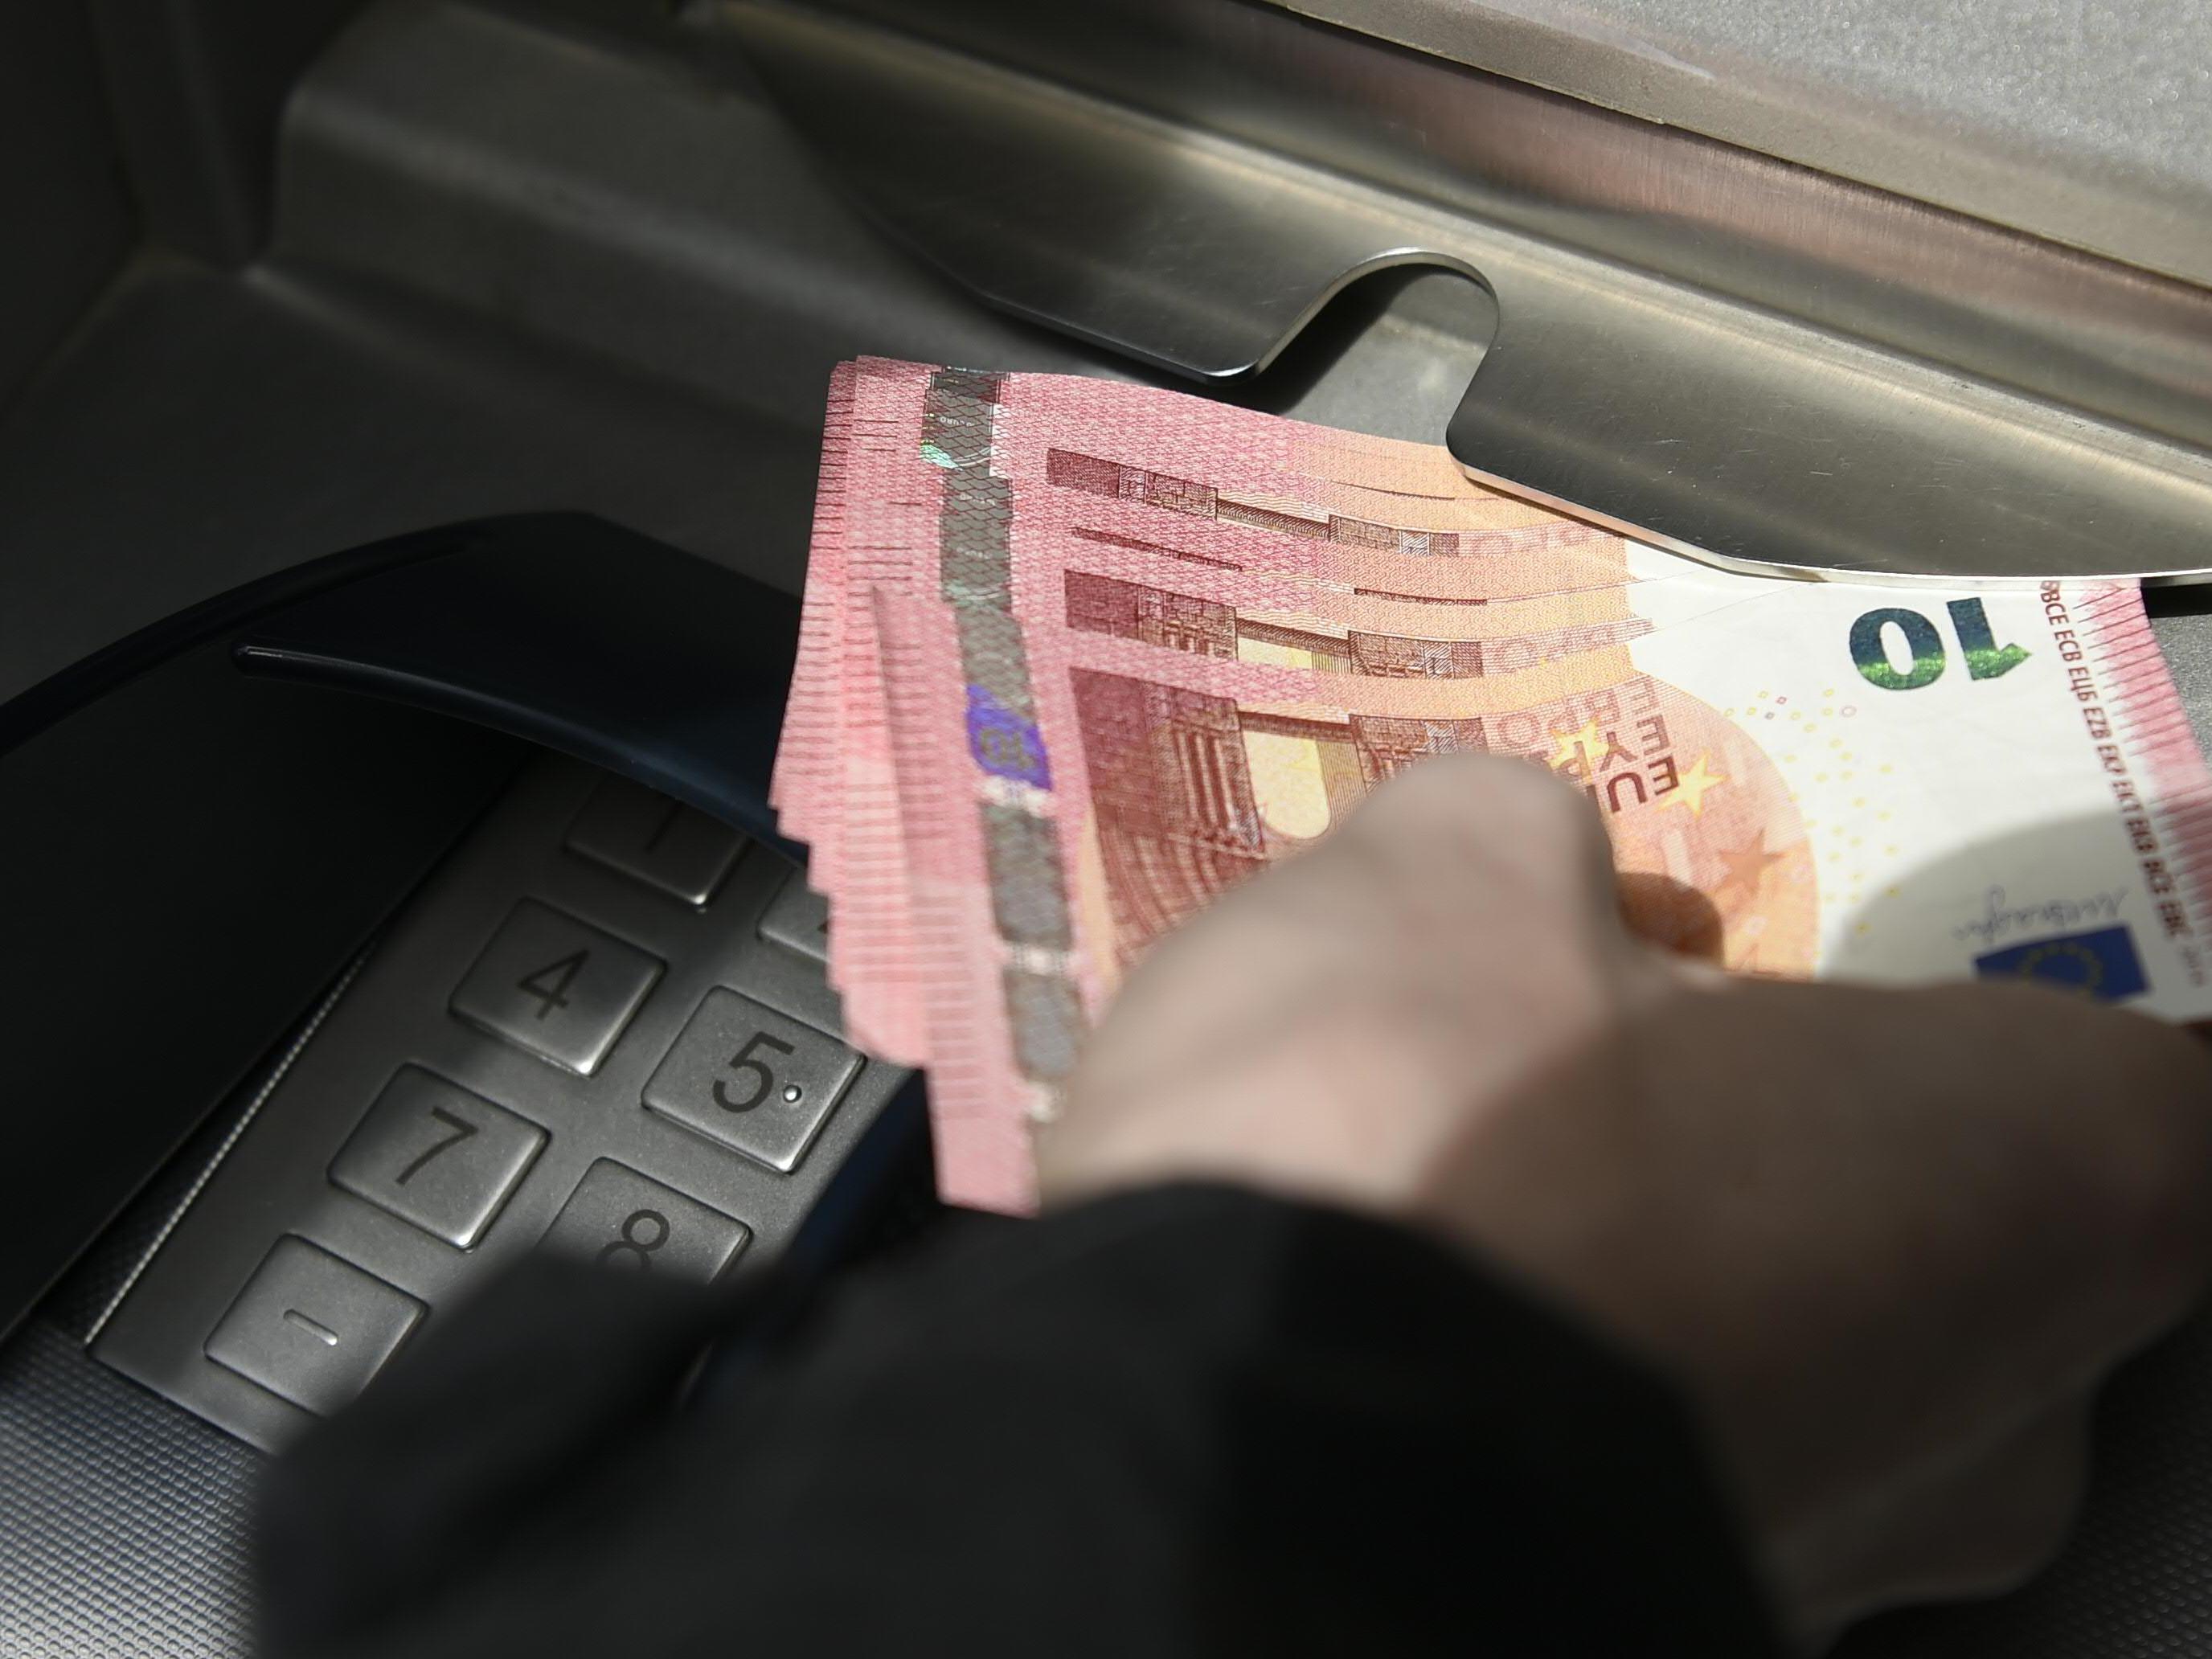 Bankomatgebühren: Sozialminister lässt prüfen, ob er rechtlich eingreifen kann